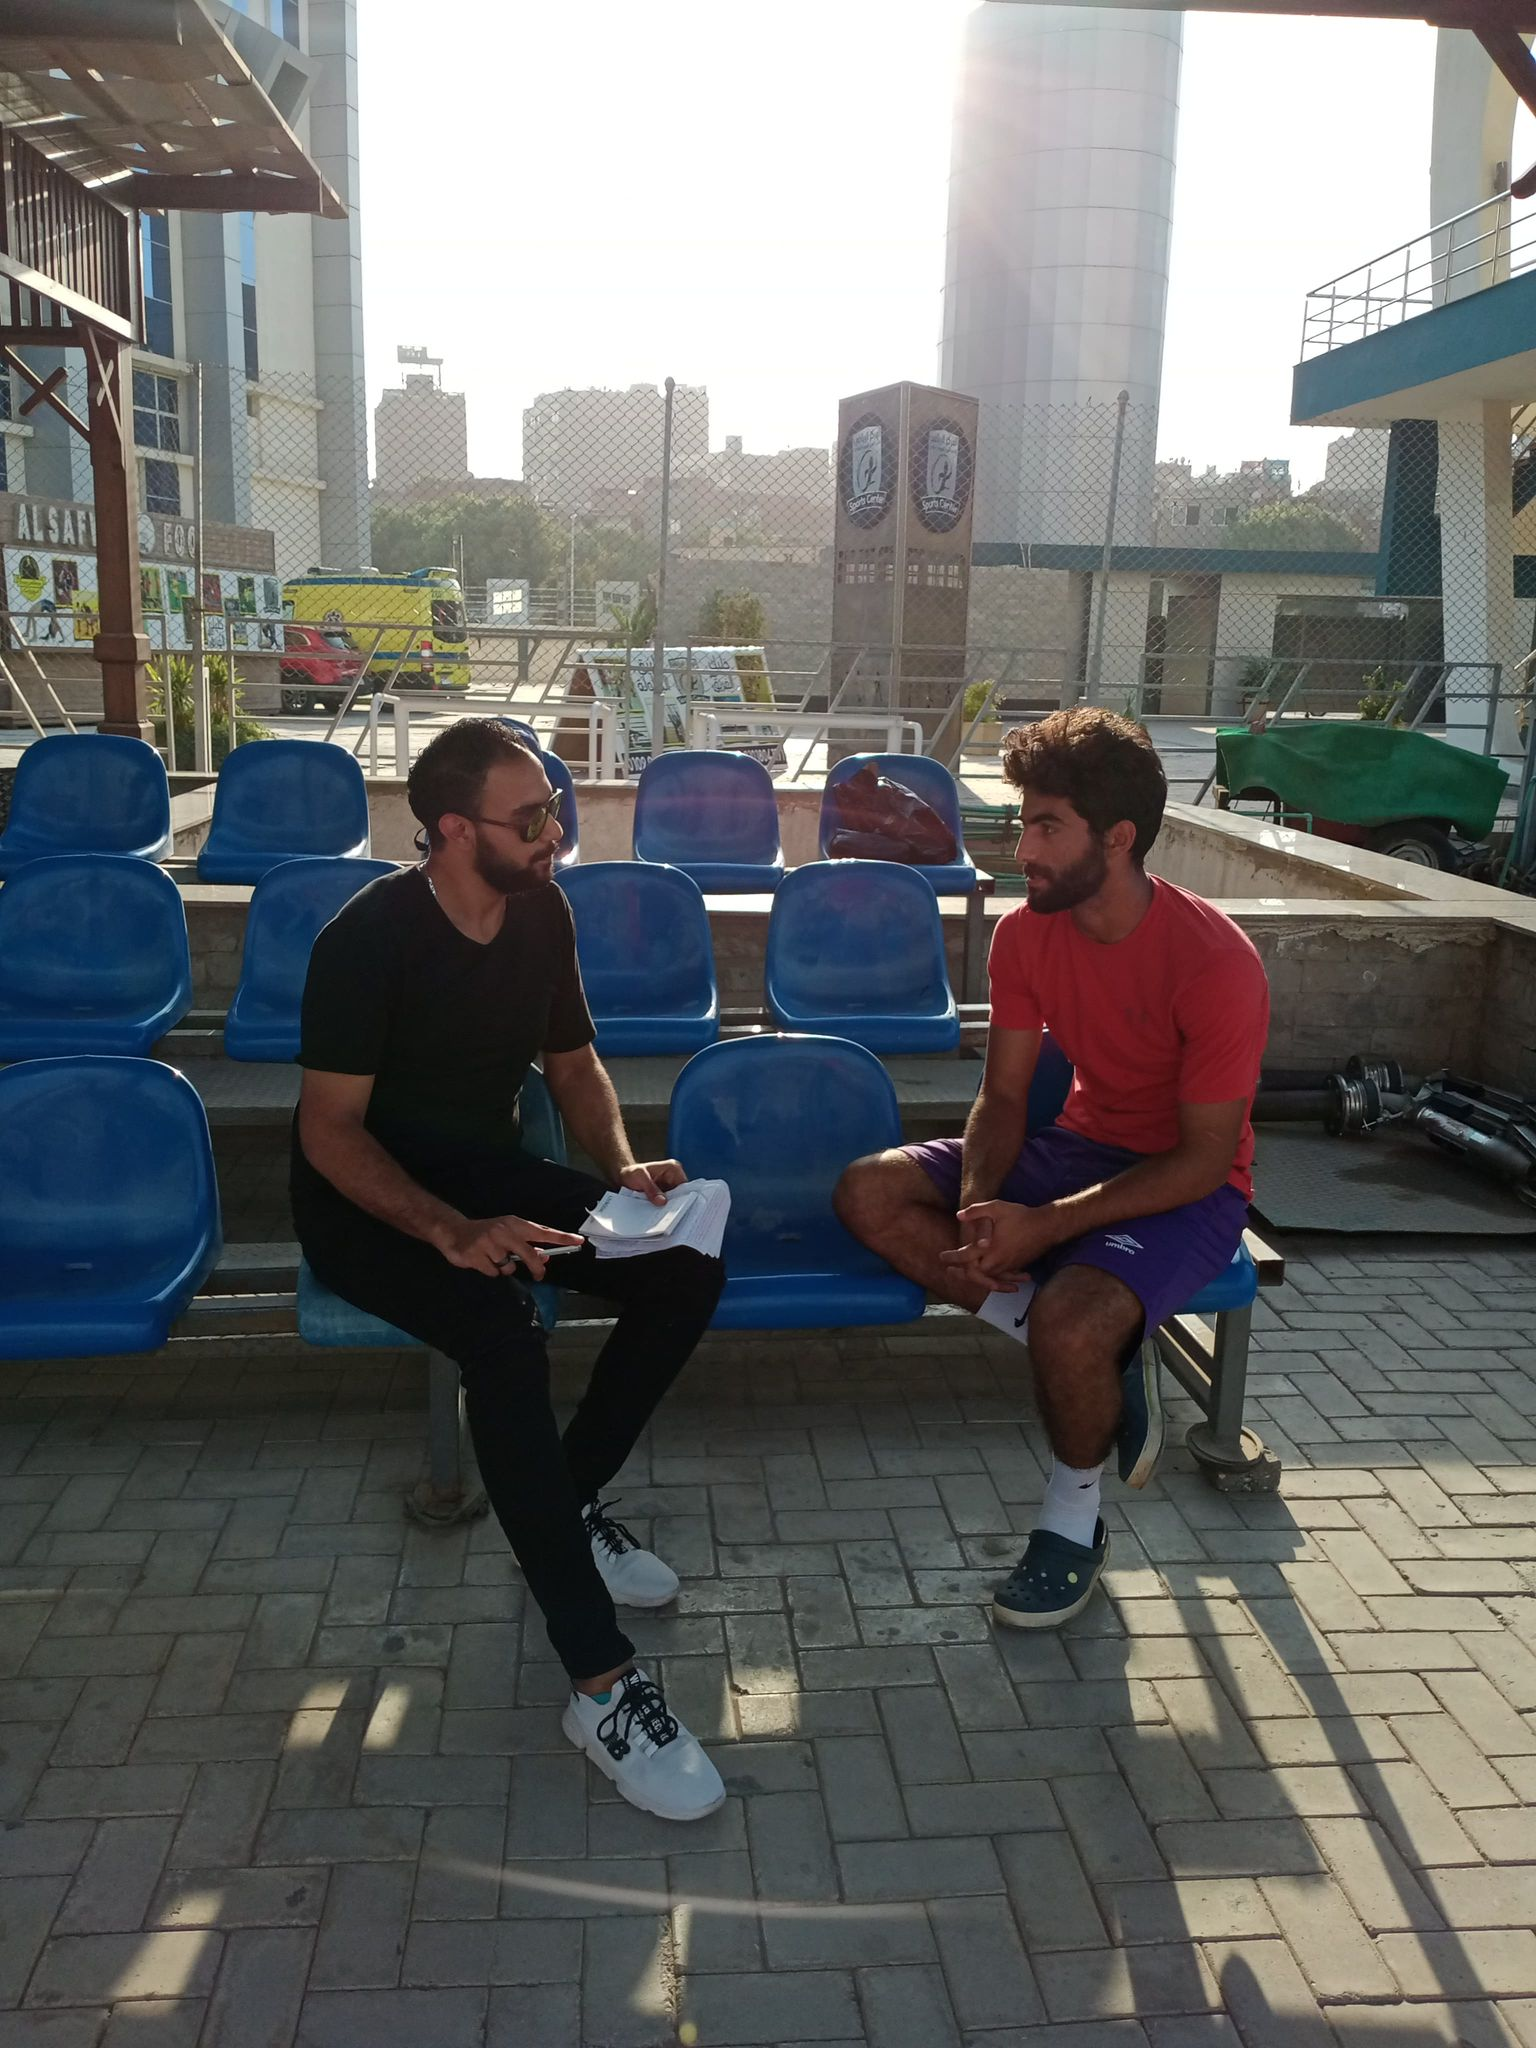 محرر (اليوم) مع اللاعب ميشو عمارة